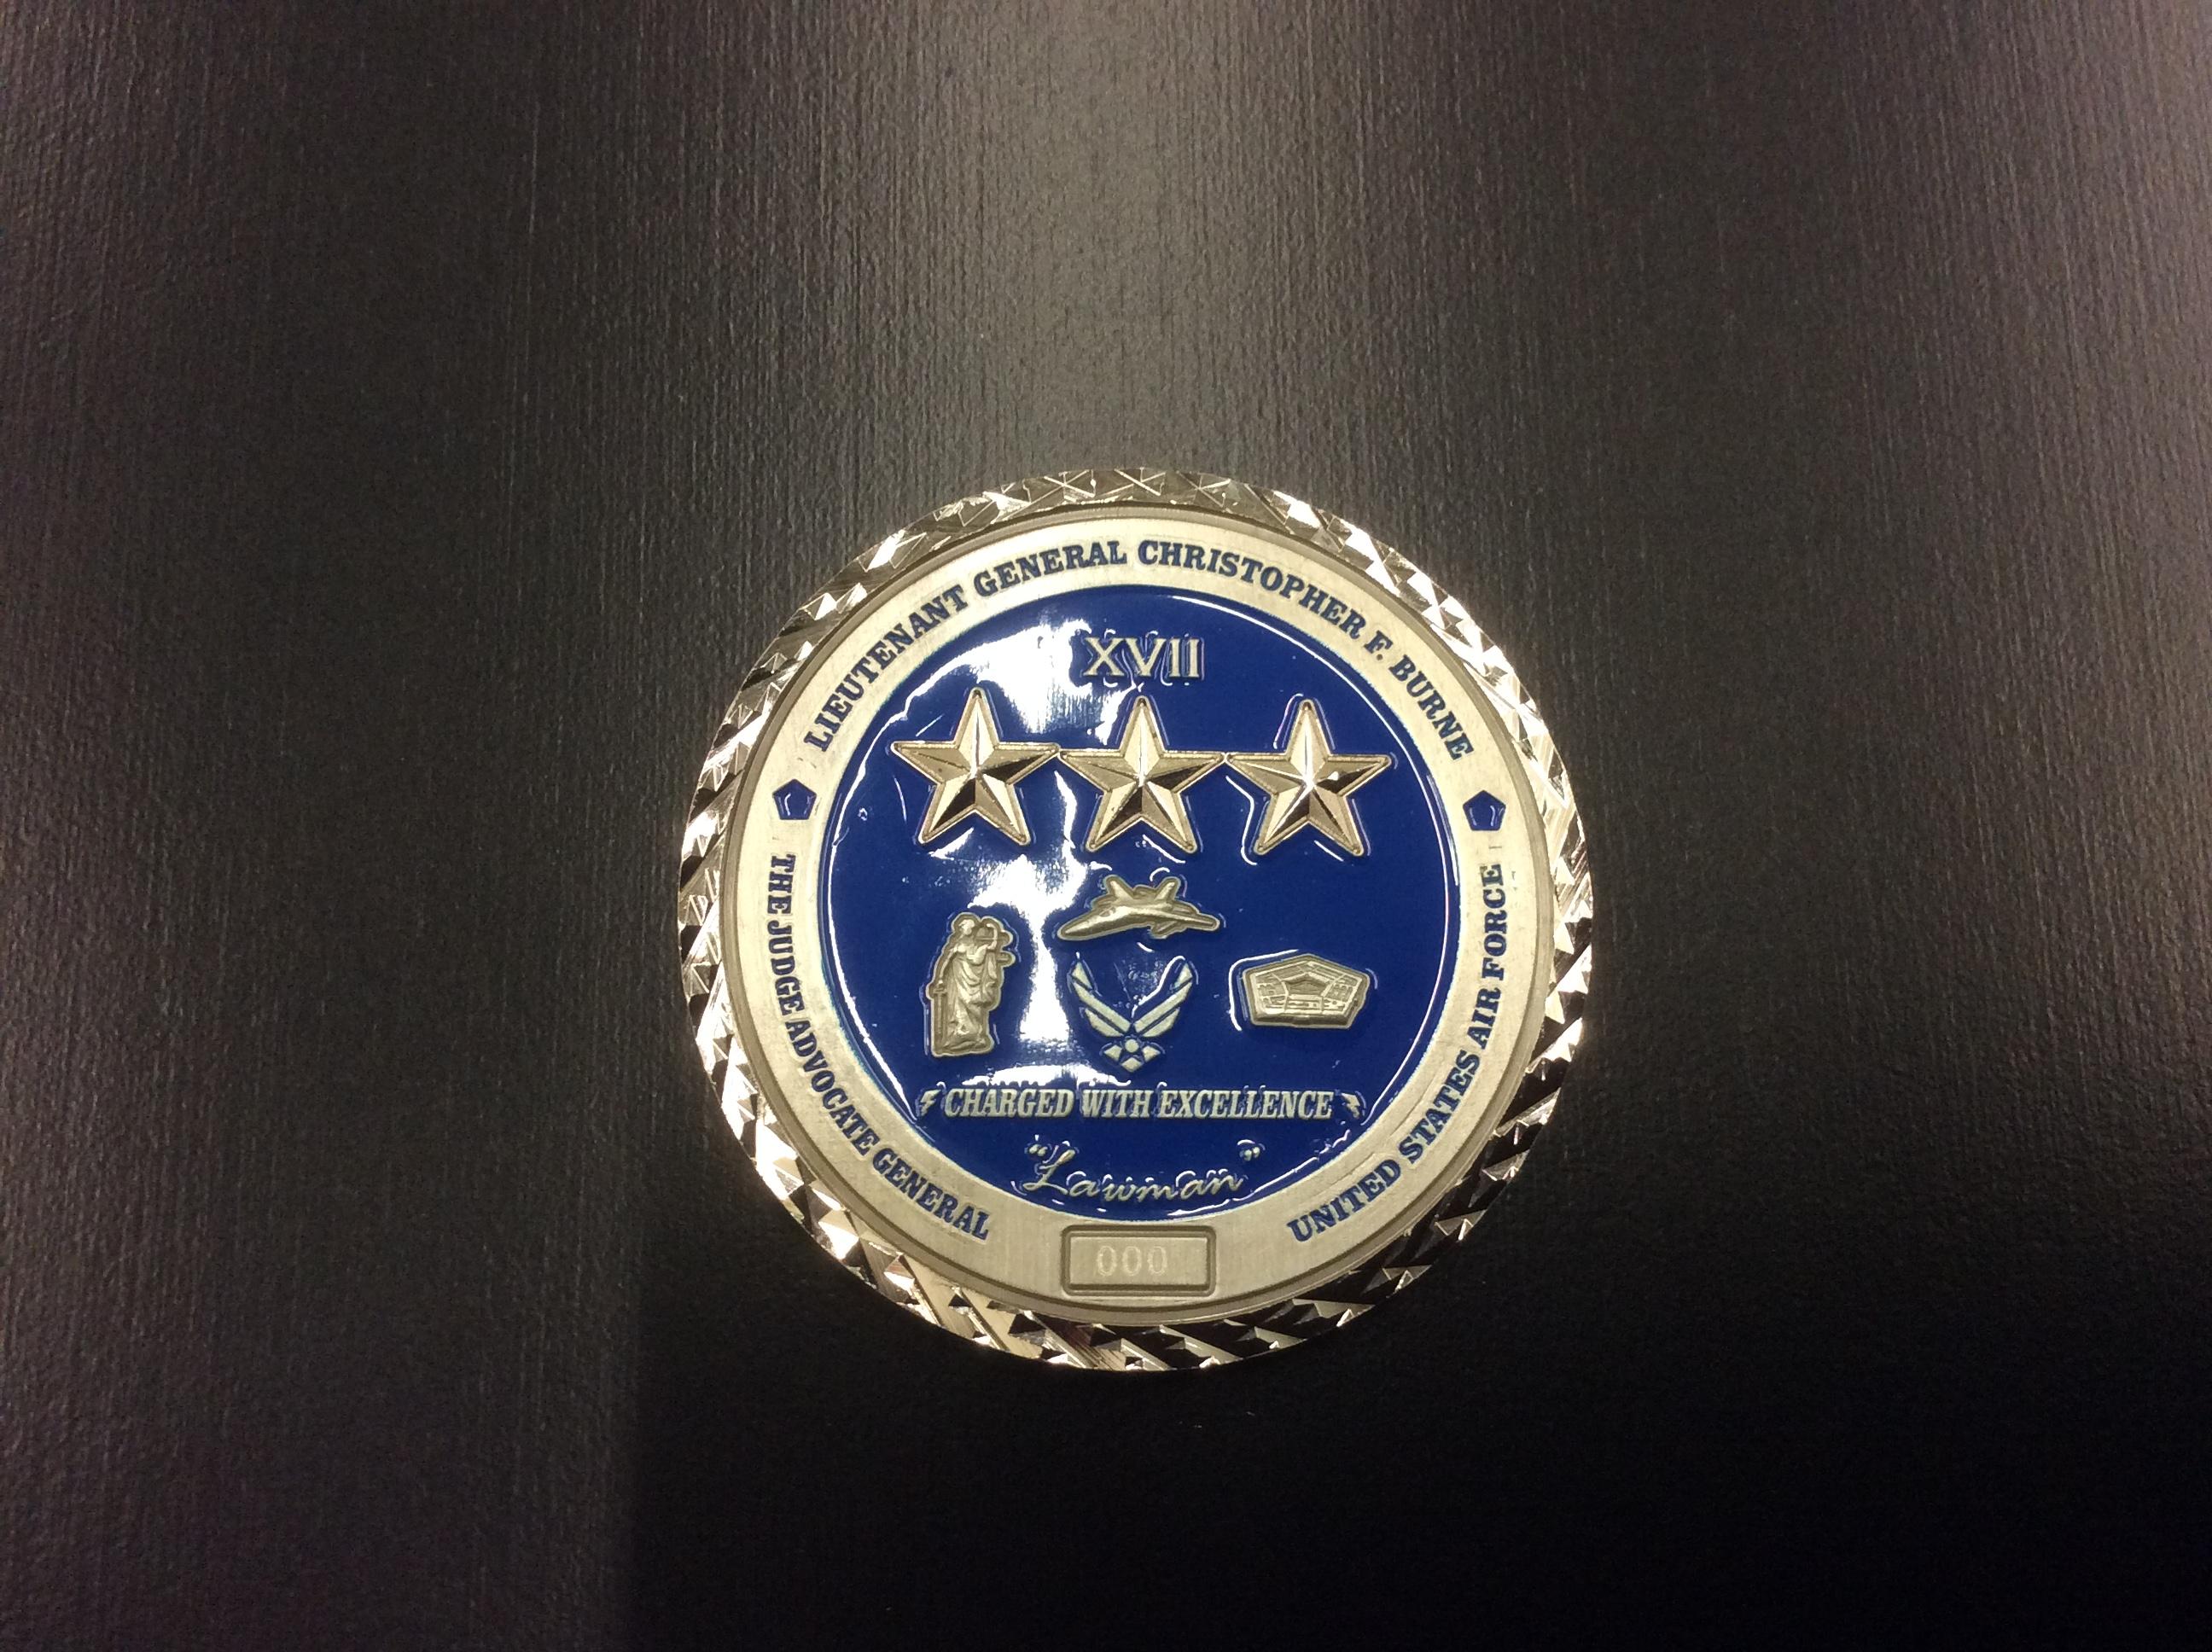 Burne_Lt Gen Christopher_coin back_04102015.JPG